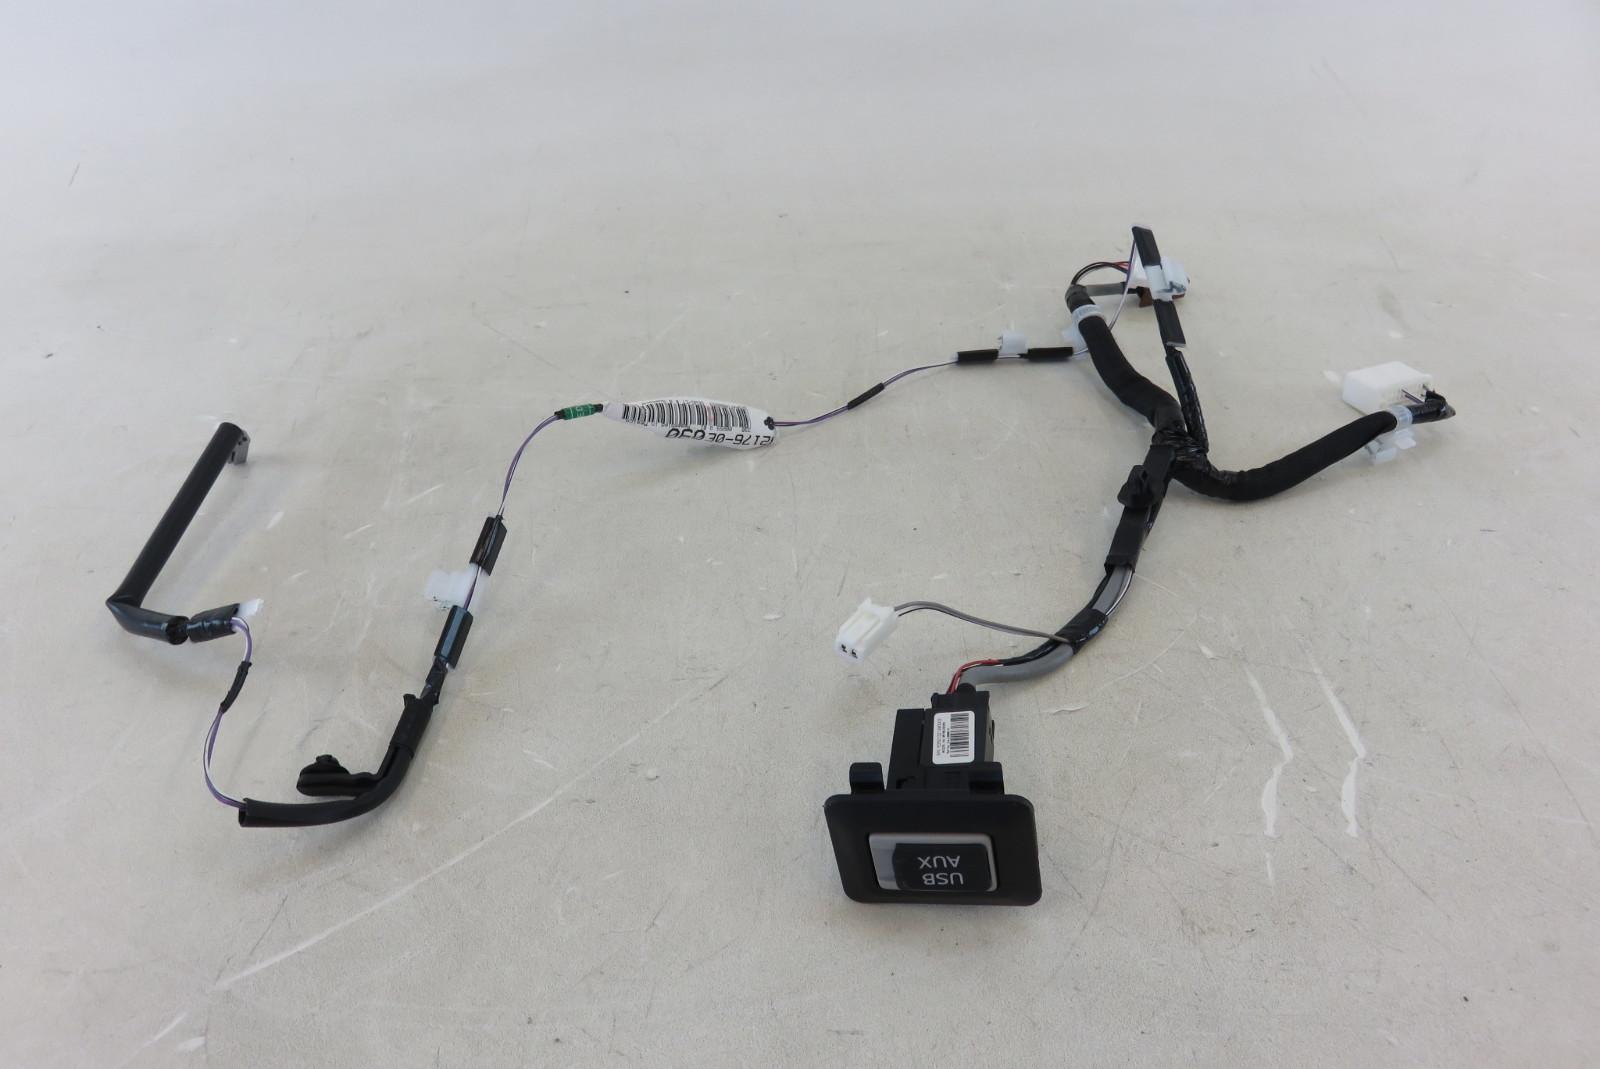 13 14 15 lexus rx350 usb auxiliary jack w wiring harness 86190 13 14 15 lexus rx350 usb auxiliary jack w wiring harness 86190 0e060